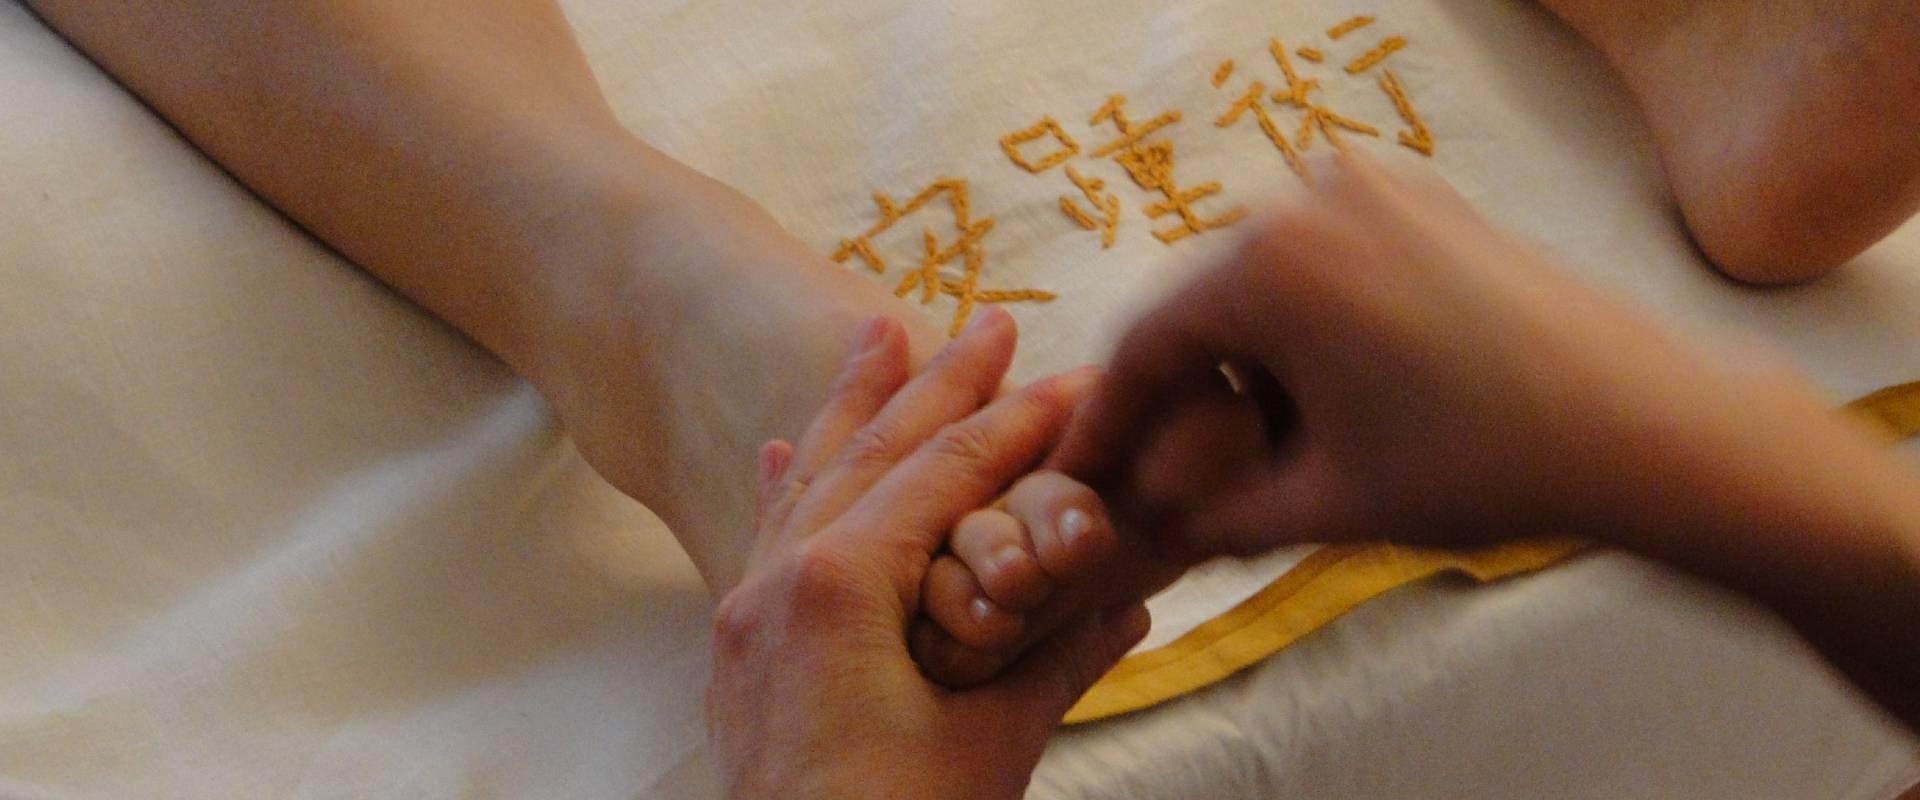 corsi di riflessologia plantare metodo on zon su arte del massaggio plantare